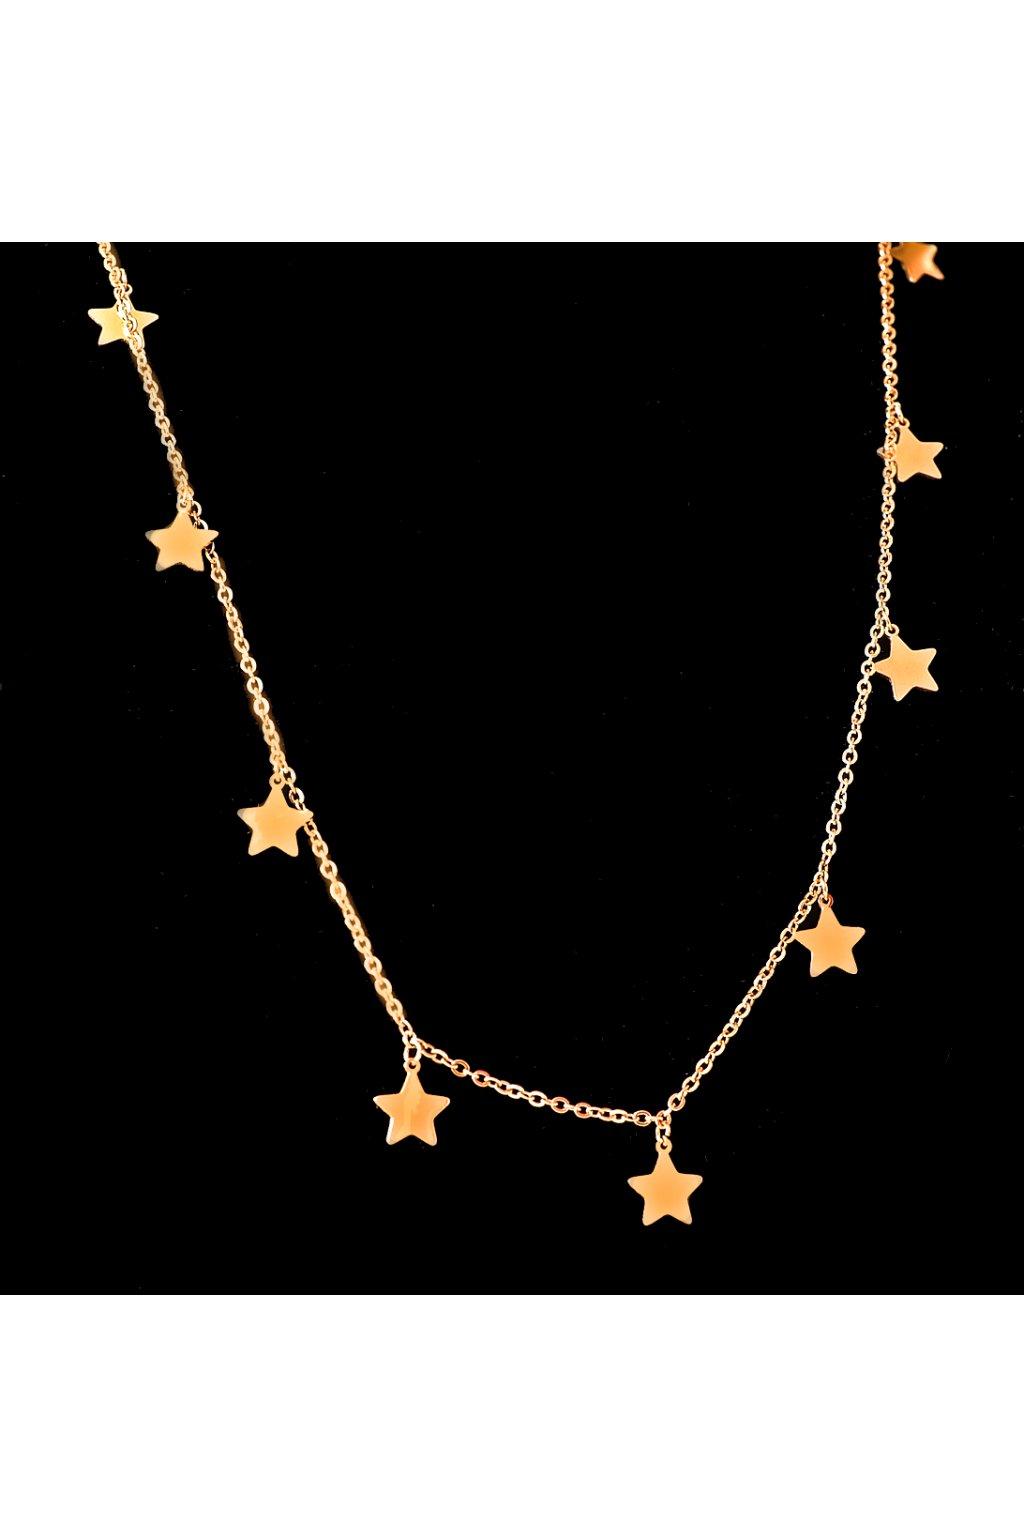 Skalimar Náhrdelník z chirurgické oceli ROSE GOLD HVĚZDY 32000309 B